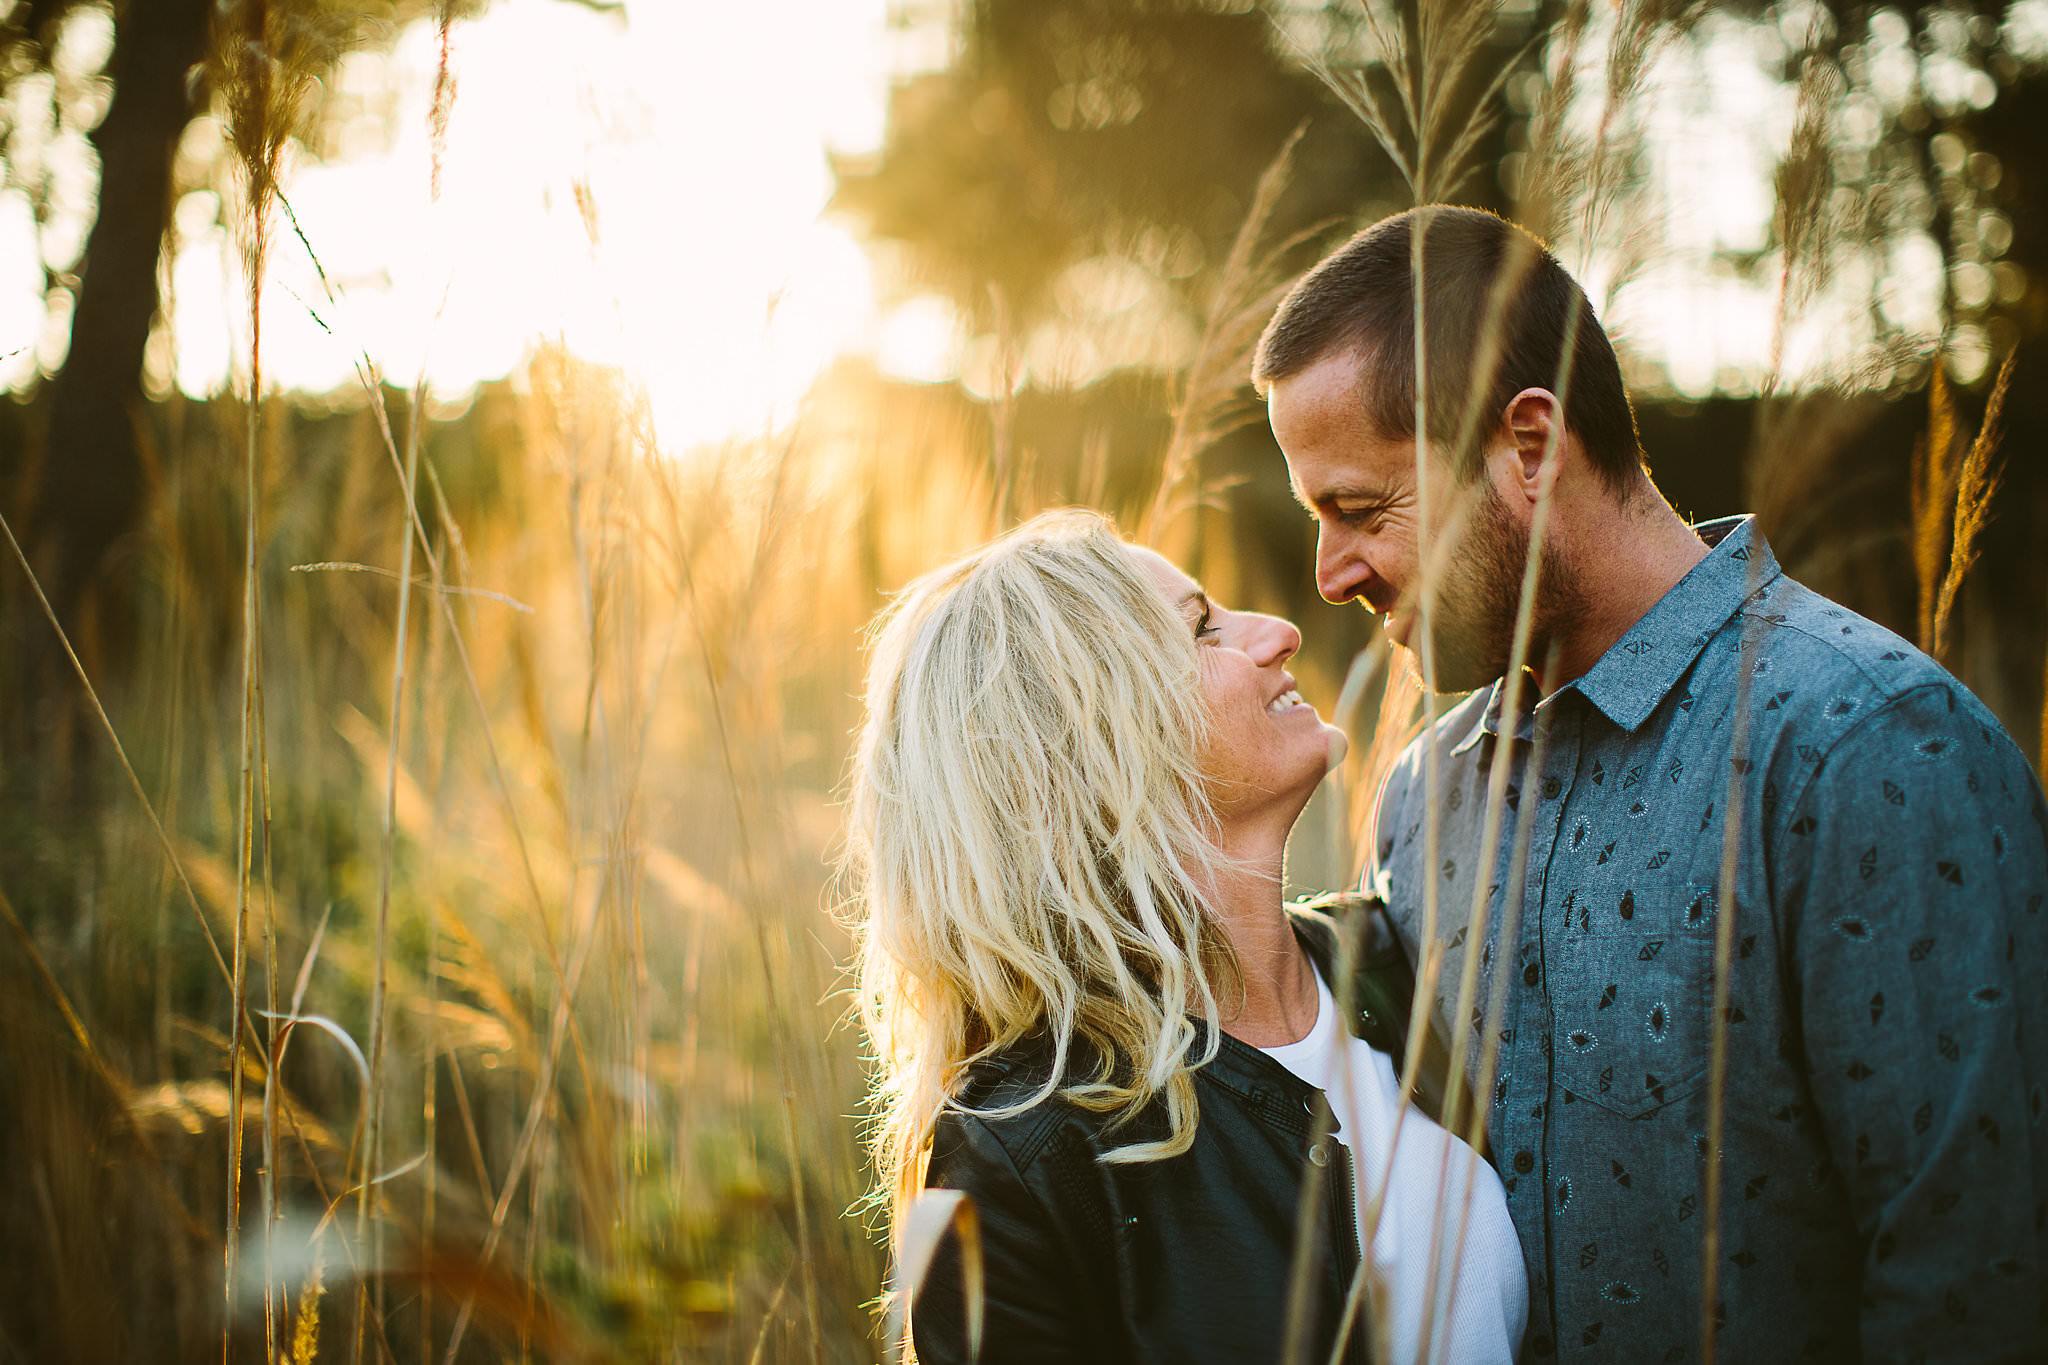 lumière sur couple photographié a seignosse par claire saucaz photographe